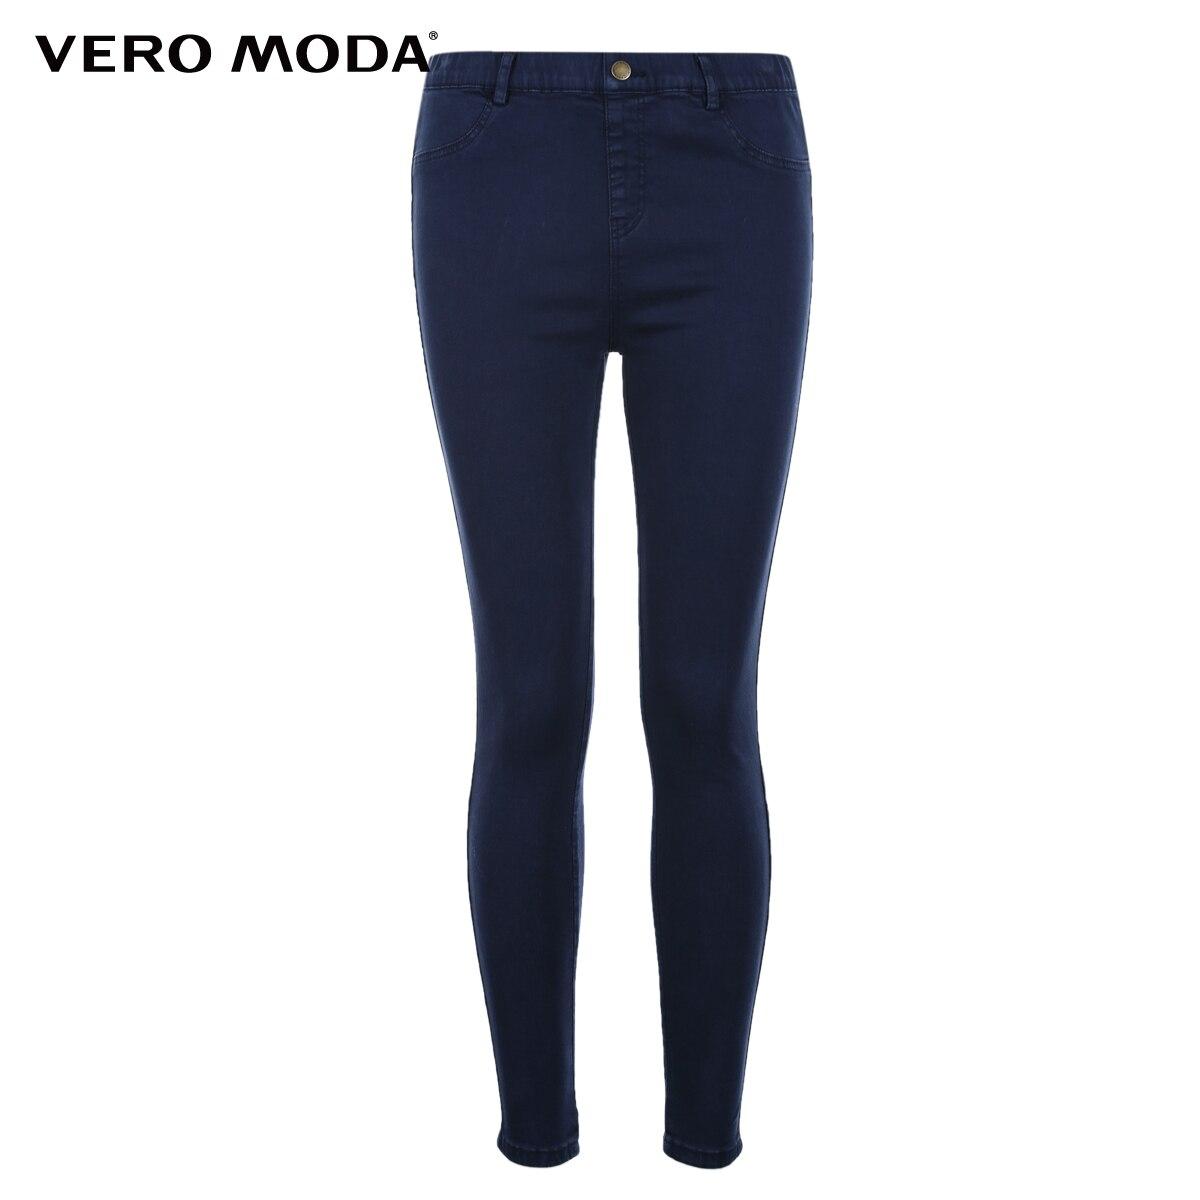 Vero Moda Slim wrap stretch denim pants Jeans Woman 316449501